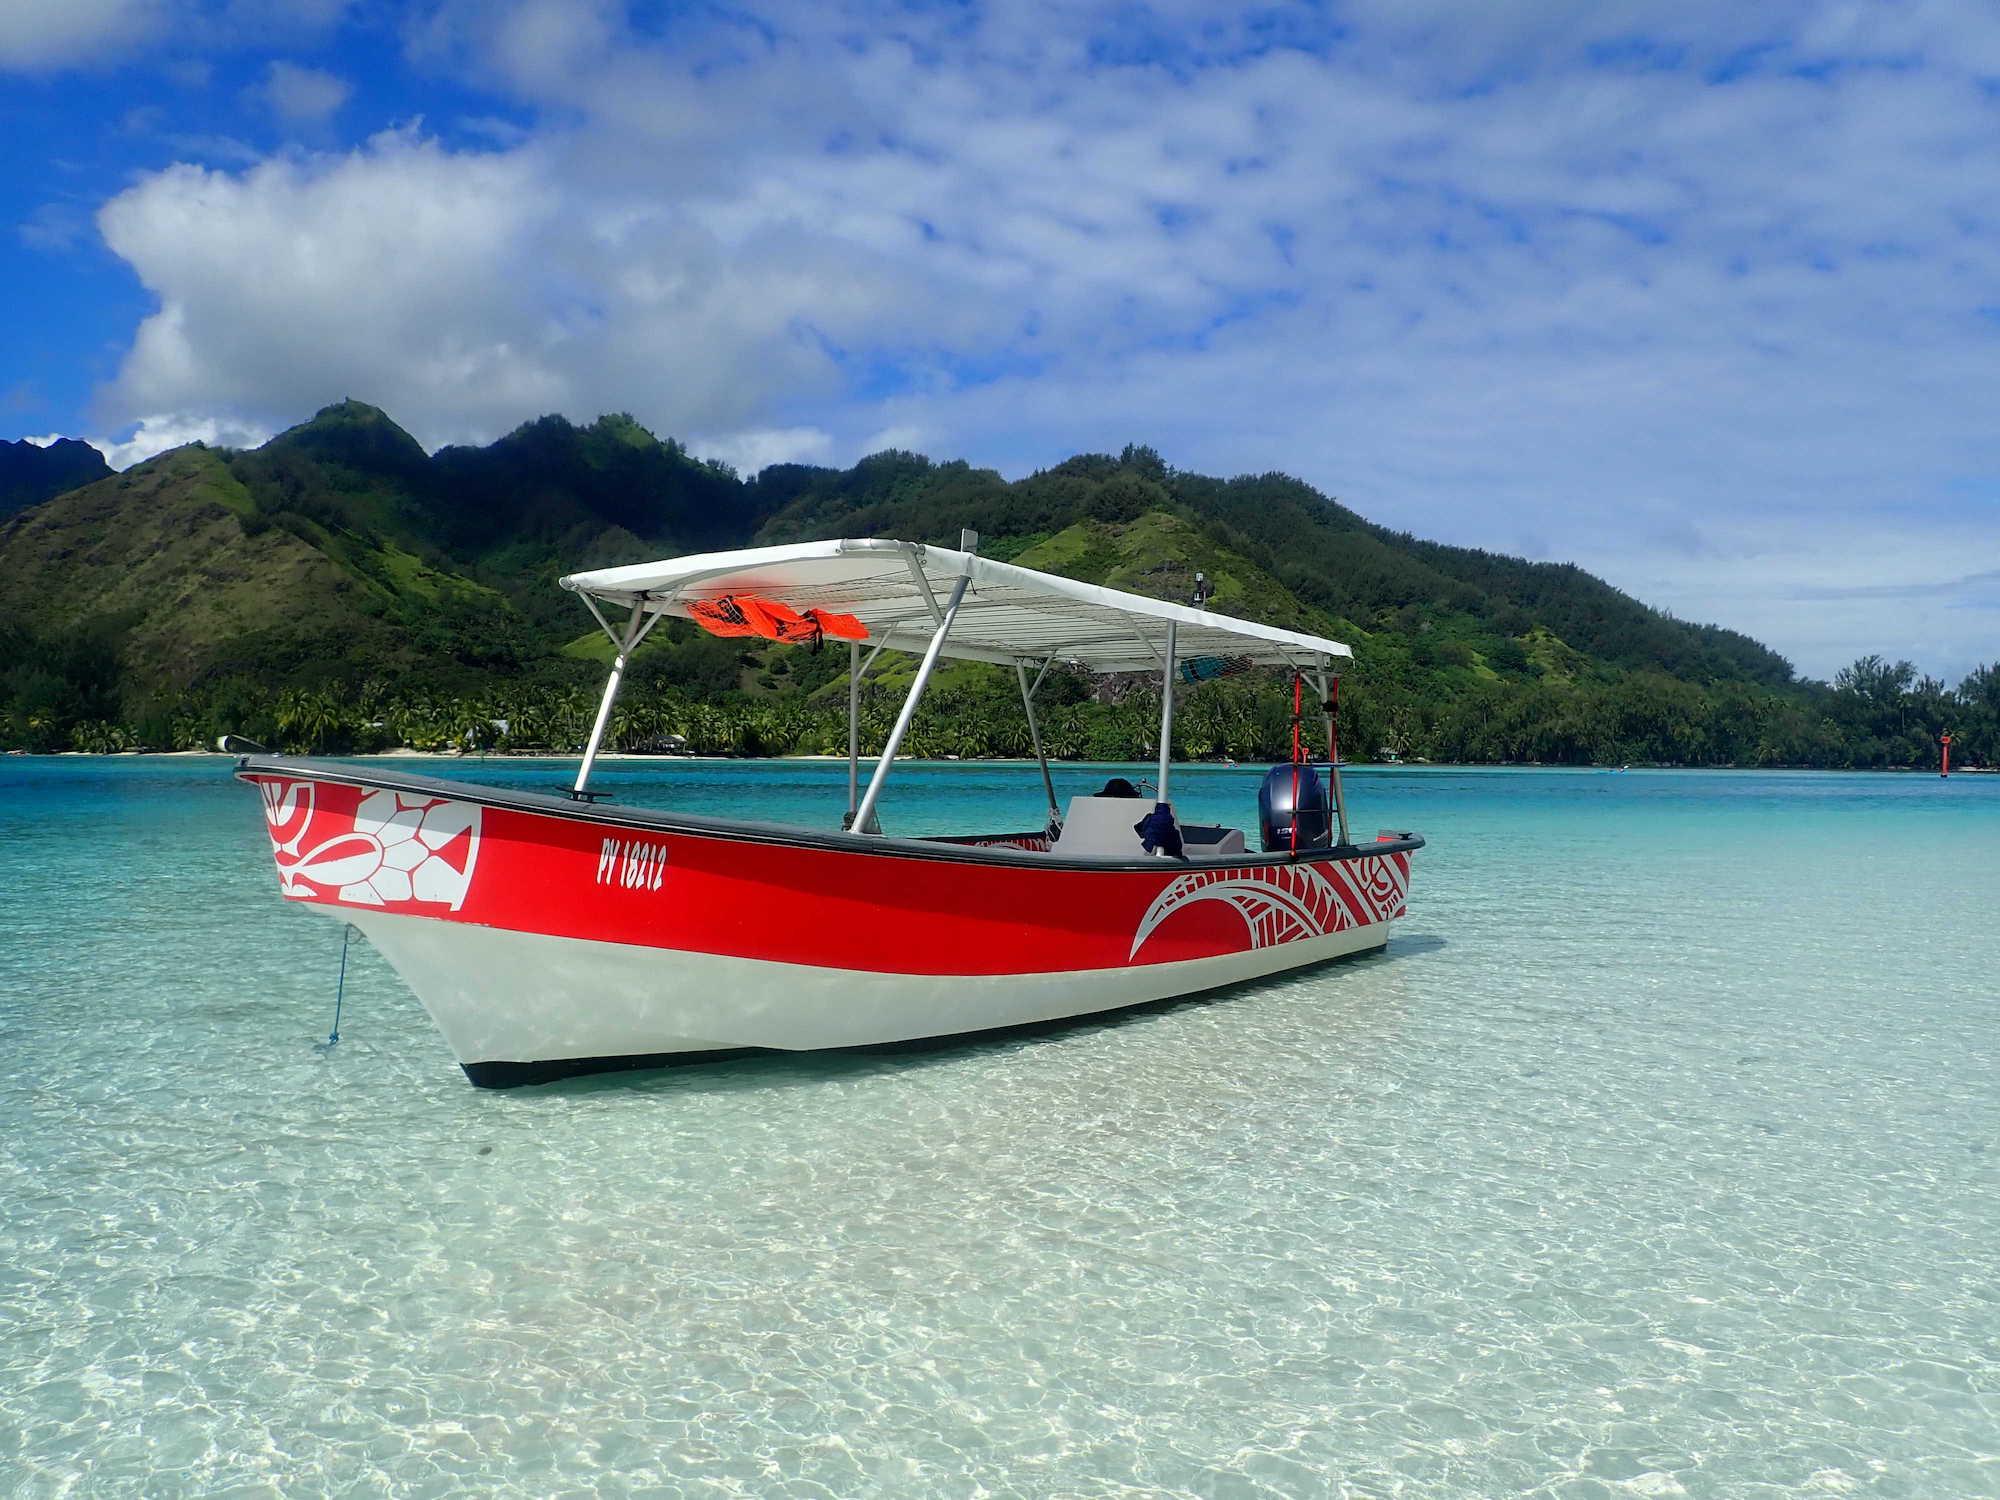 https://tahititourisme.uk/wp-content/uploads/2020/09/Boat-Hinaloa.jpg